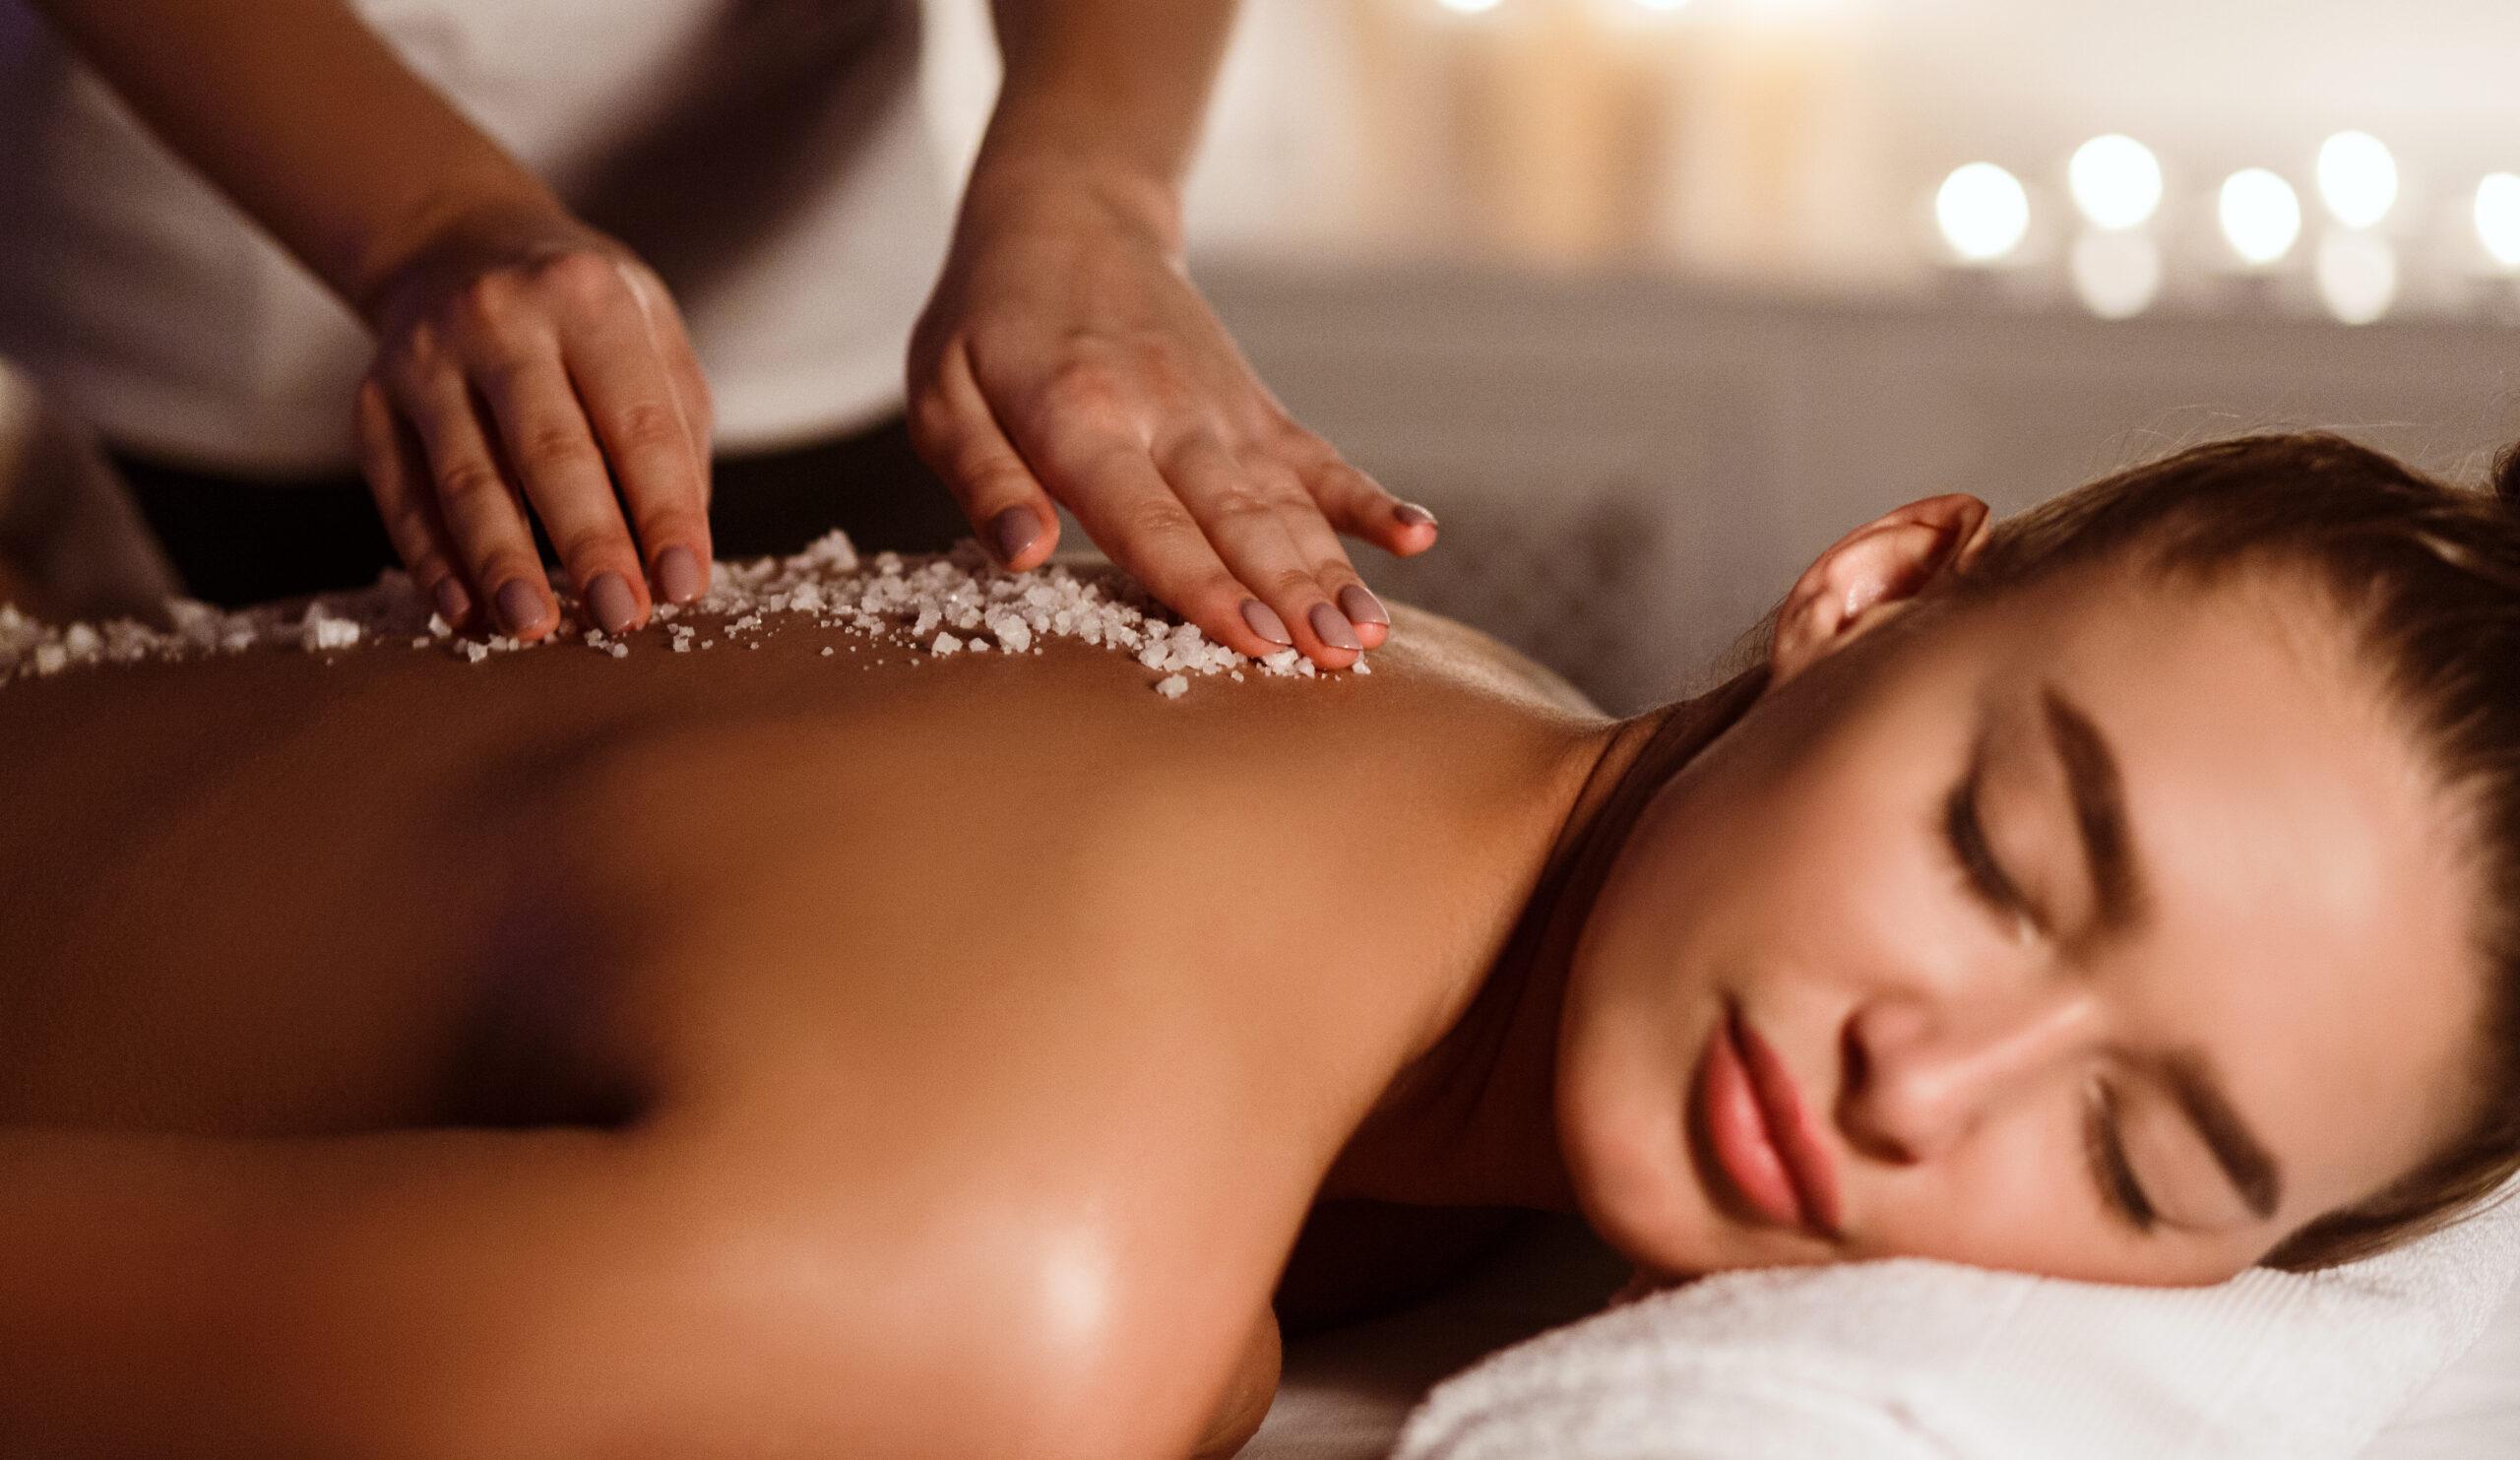 Federleicht massage erfahrung